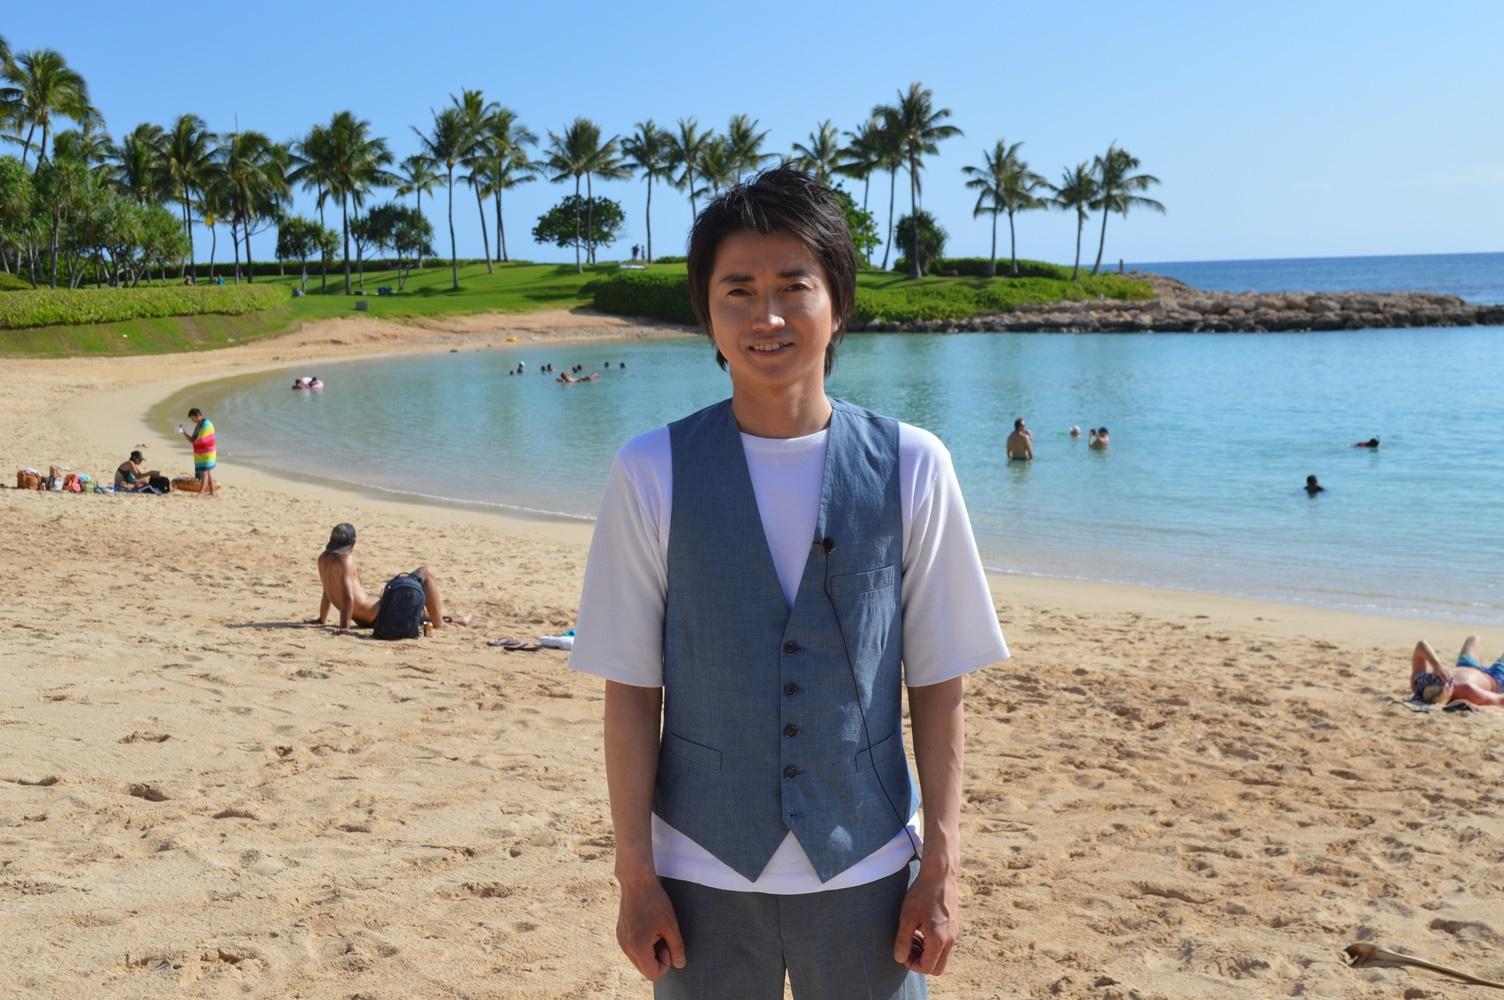 藤原竜也 ハワイの海を背景に